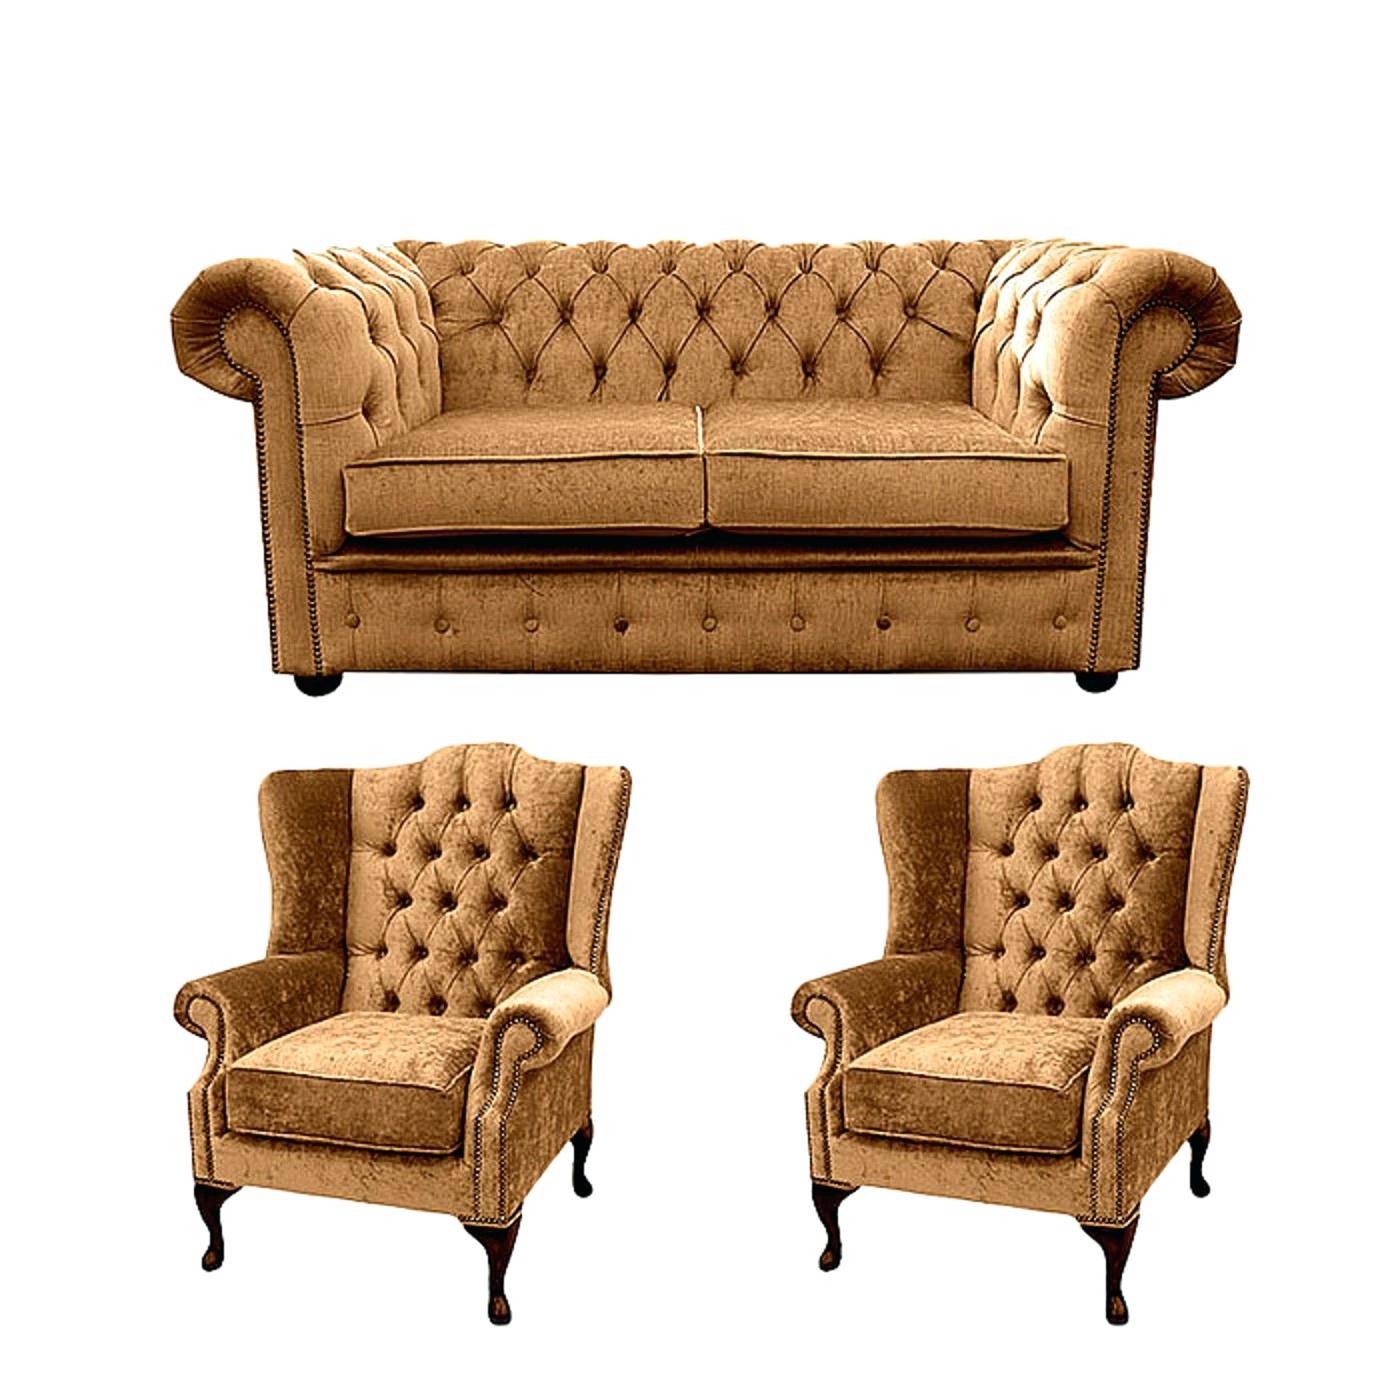 Blue Velvet Sofa Chairs (Image 1 of 20)